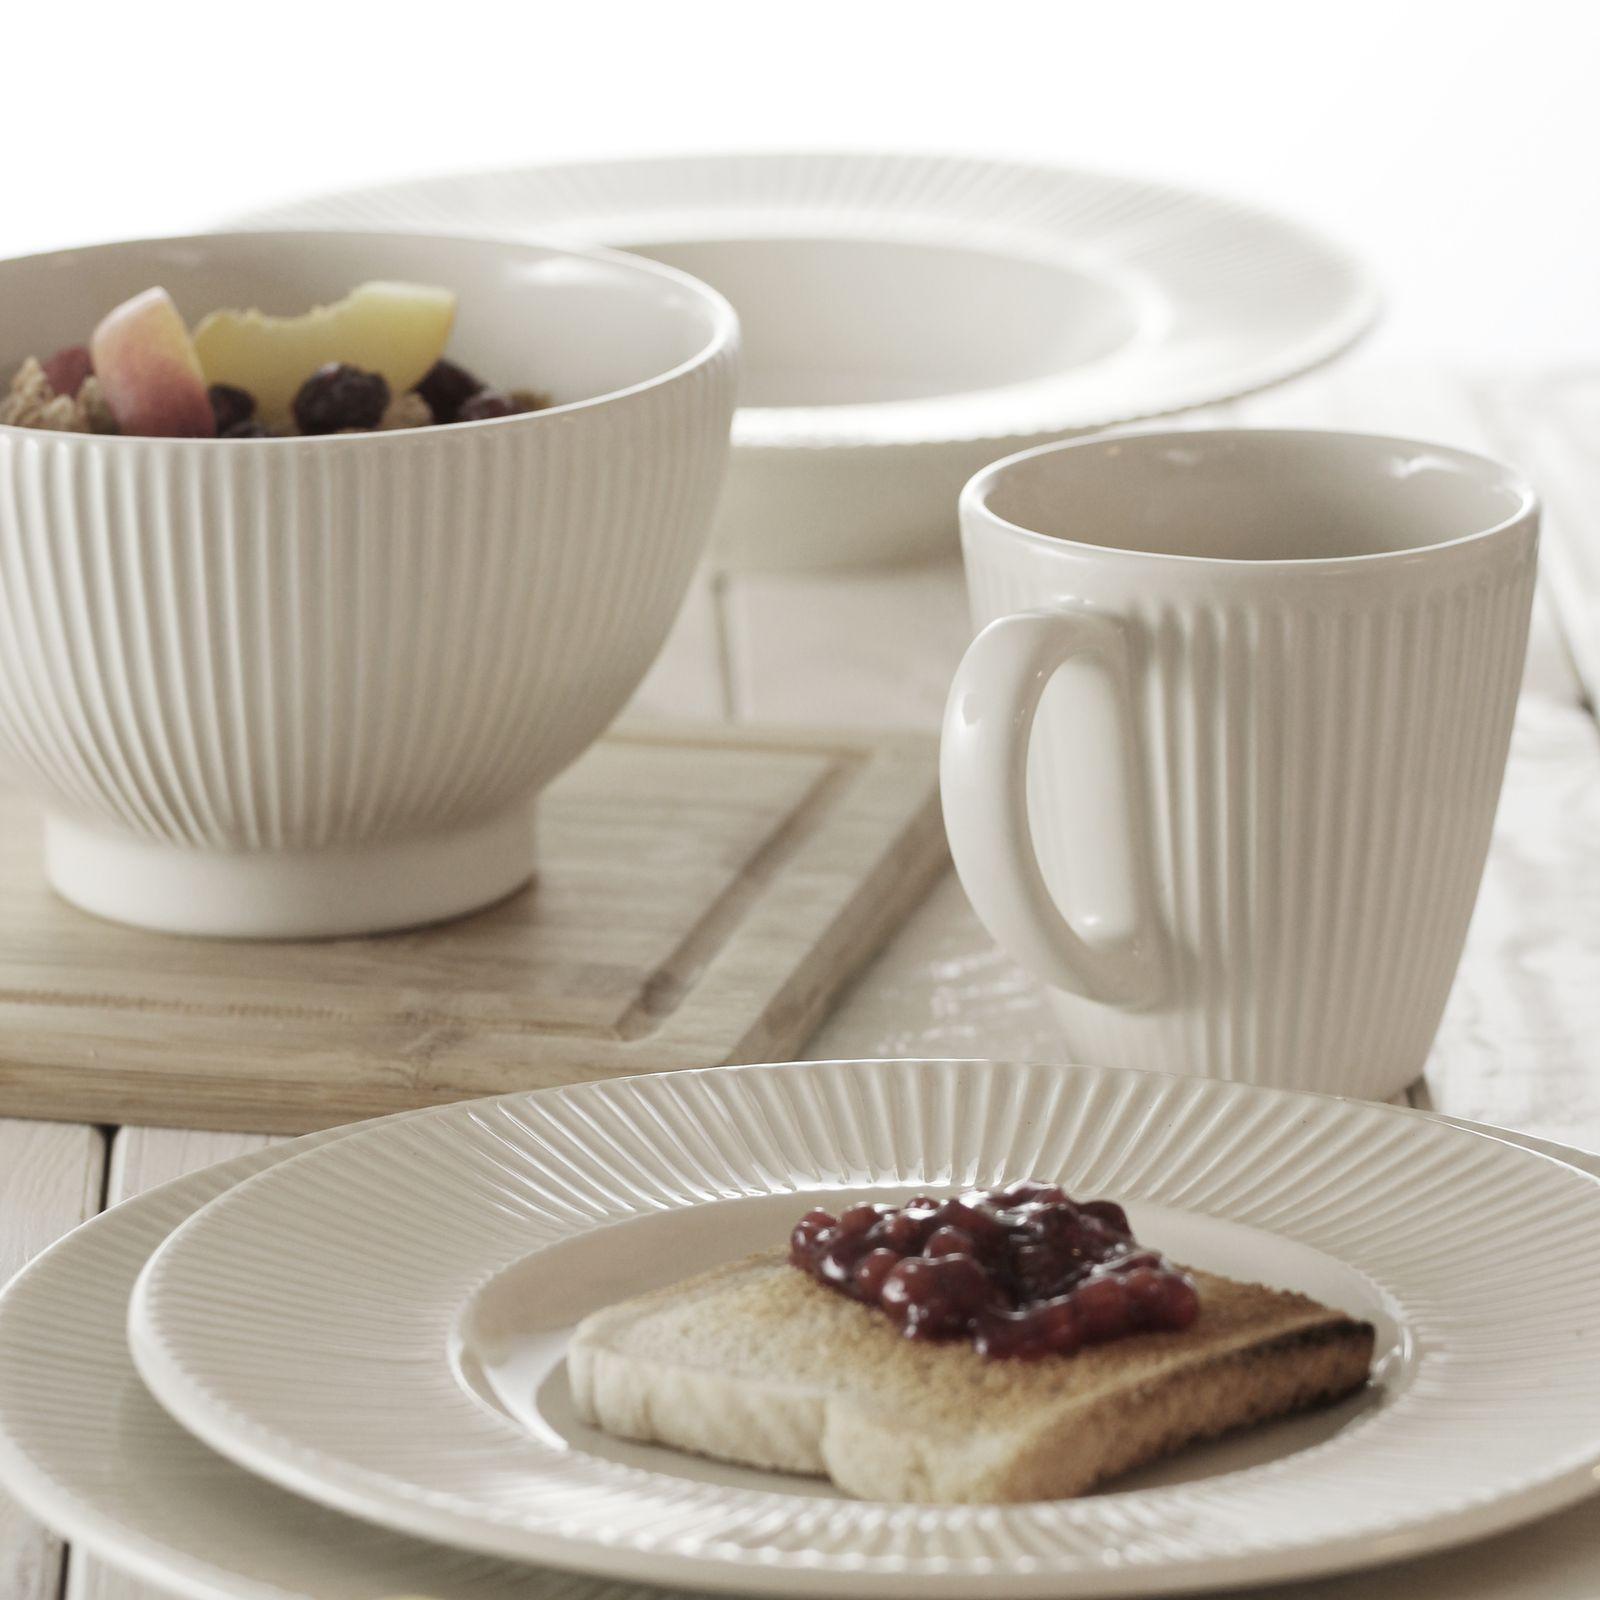 Soup plate Palette 24 cm AMBITION Tasty cream